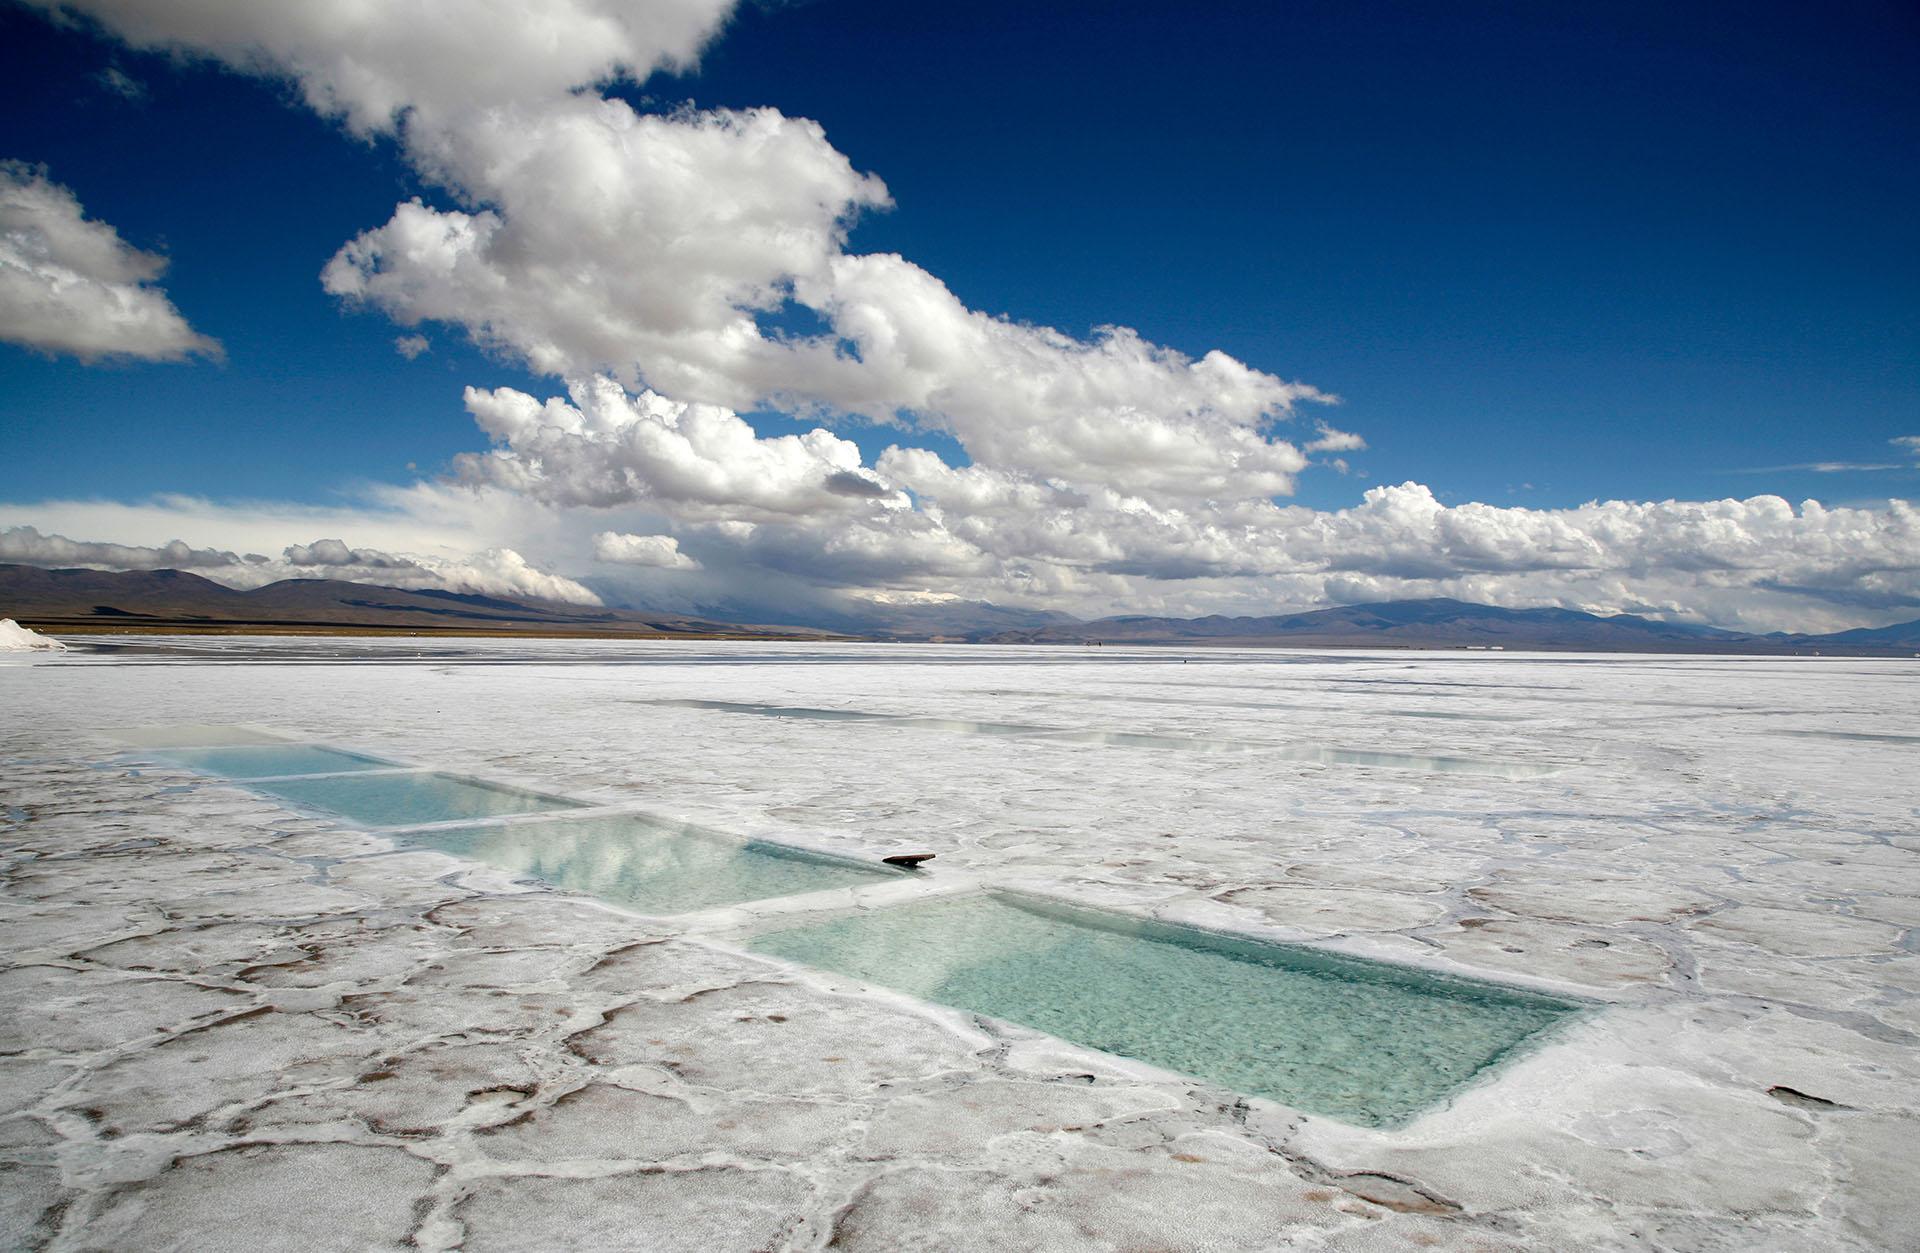 Este inmenso desierto refulgente ubicado a 4.000 metros de altura tiene su origen entre cinco y diez millones de años atrás, cuando la cuenca se cubrió por completo de aguas provenientes de un volcán (Grosby)